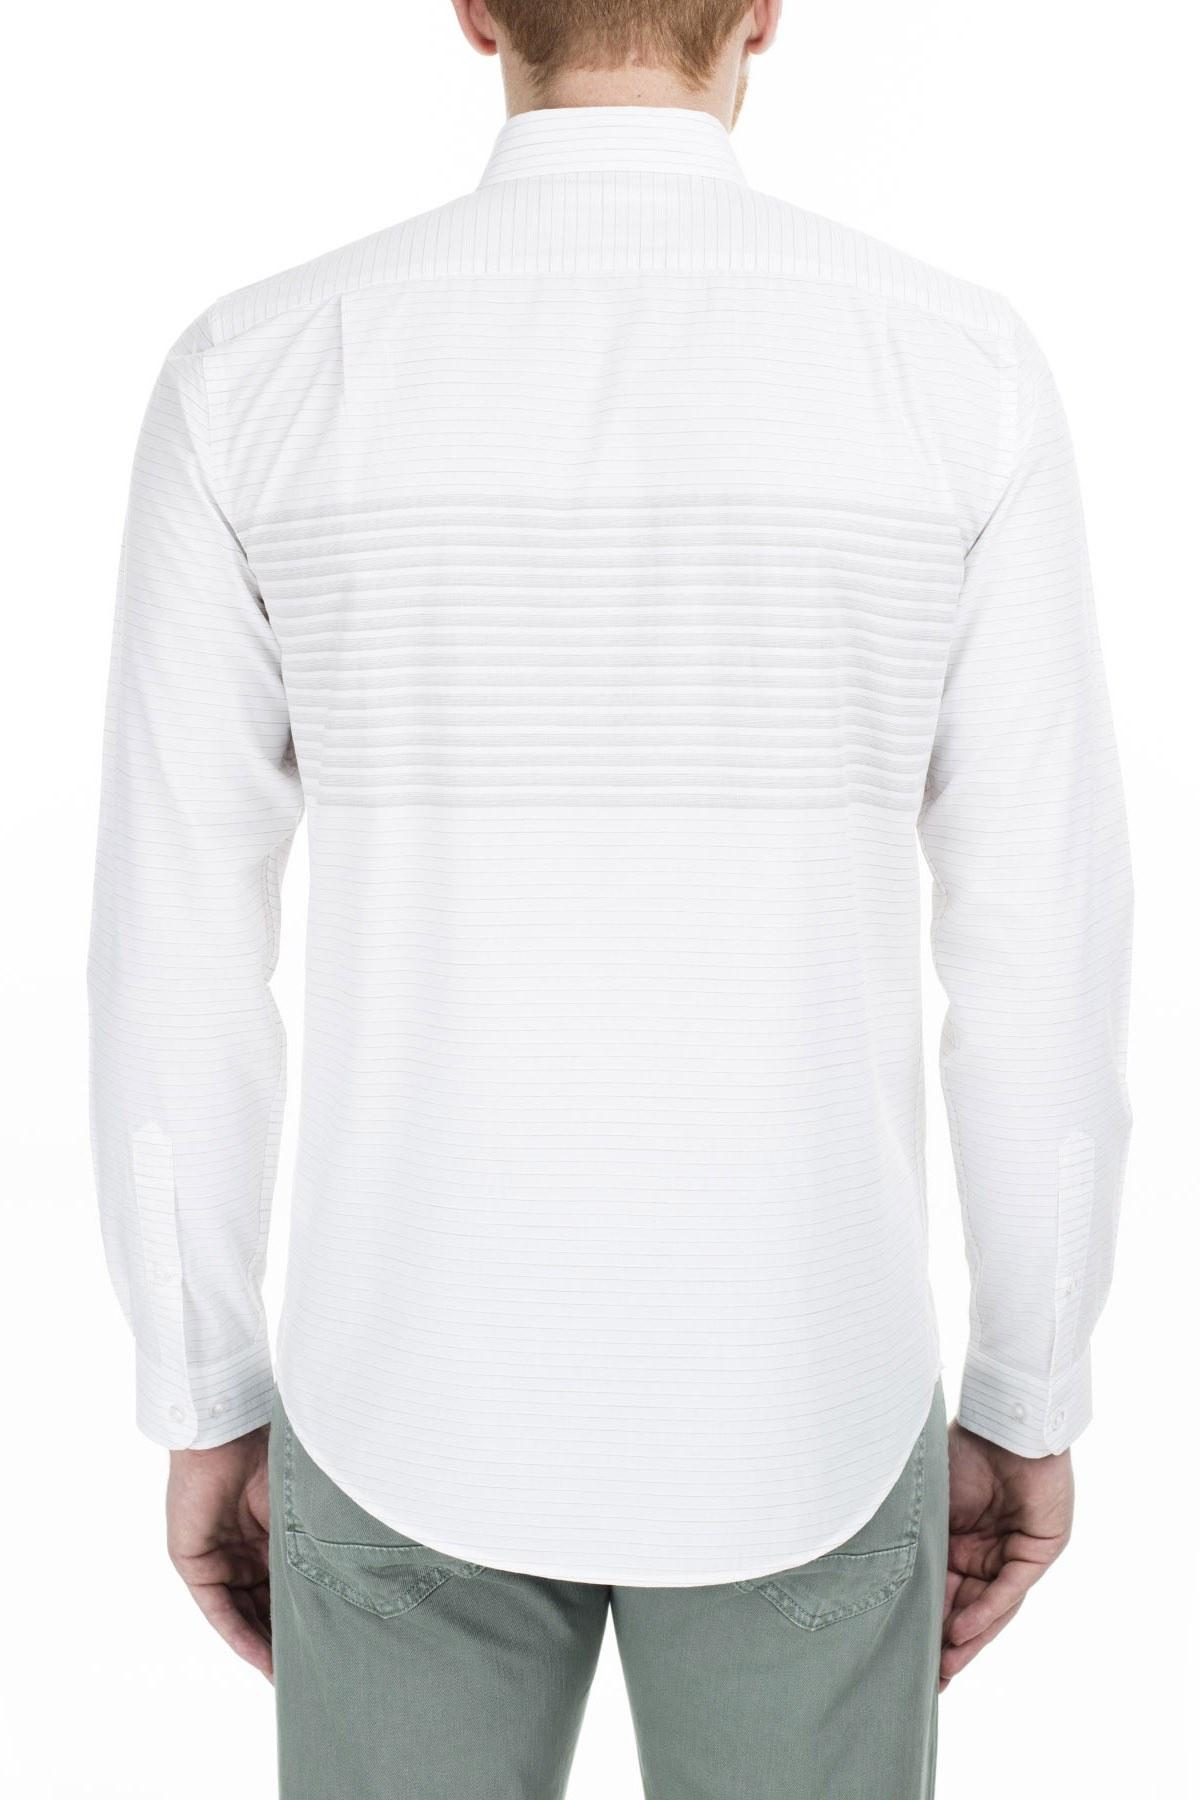 Lacoste Slim Fit Erkek Gömlek CH0013 13Y HAKİ